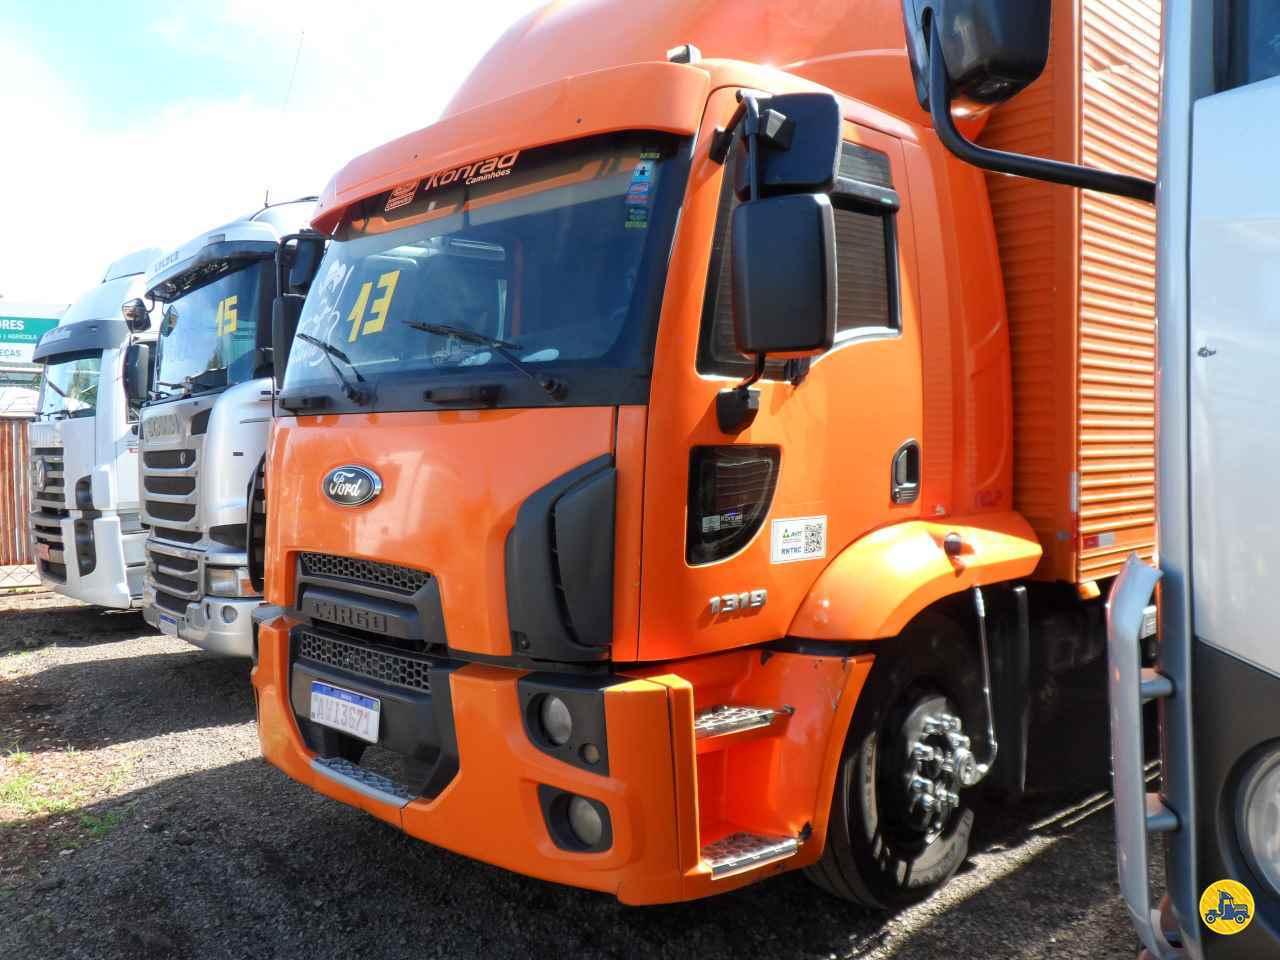 CAMINHAO FORD CARGO 1319 Chassis Toco 4x2 Maracavel Londrina Caminhões LONDRINA PARANÁ PR